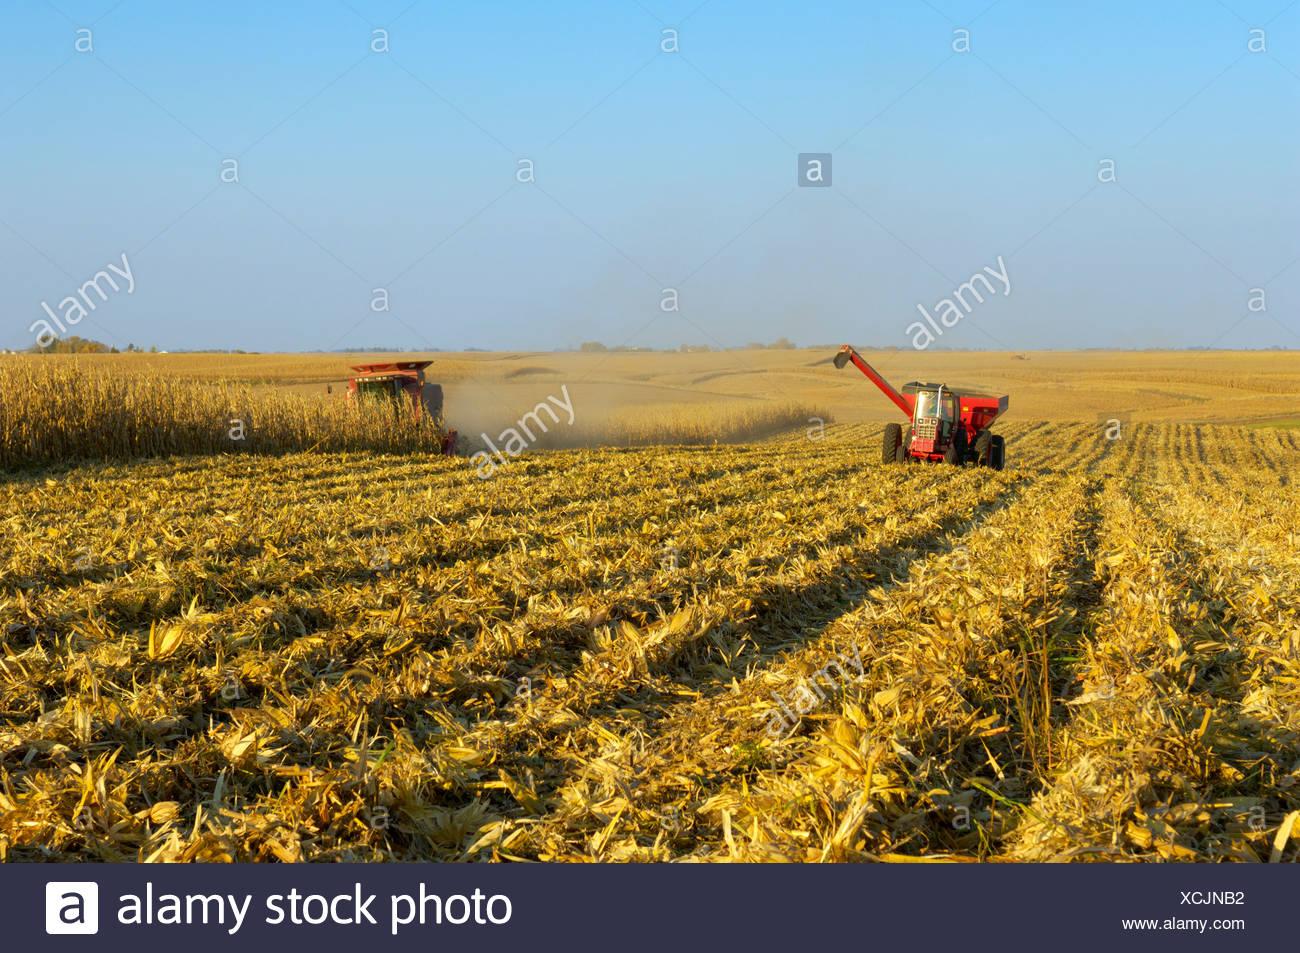 Una mietitrebbia raccolti un raccolto di mais granella in un ampio campo di grano, con un carrello per granella di fianco nelle vicinanze / Iowa (USA). Immagini Stock